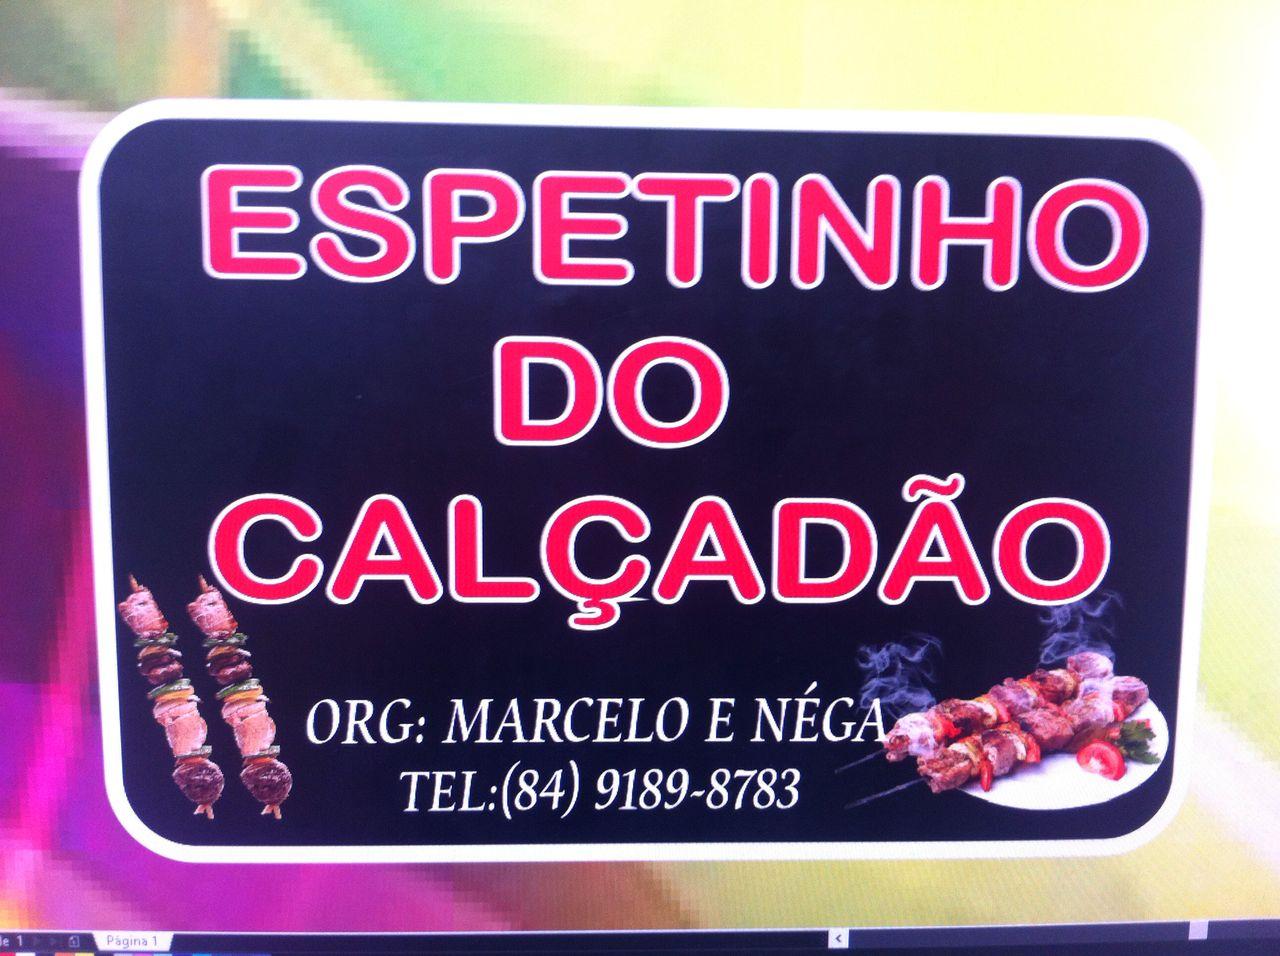 ESPETINHO DO CALÇADÃO